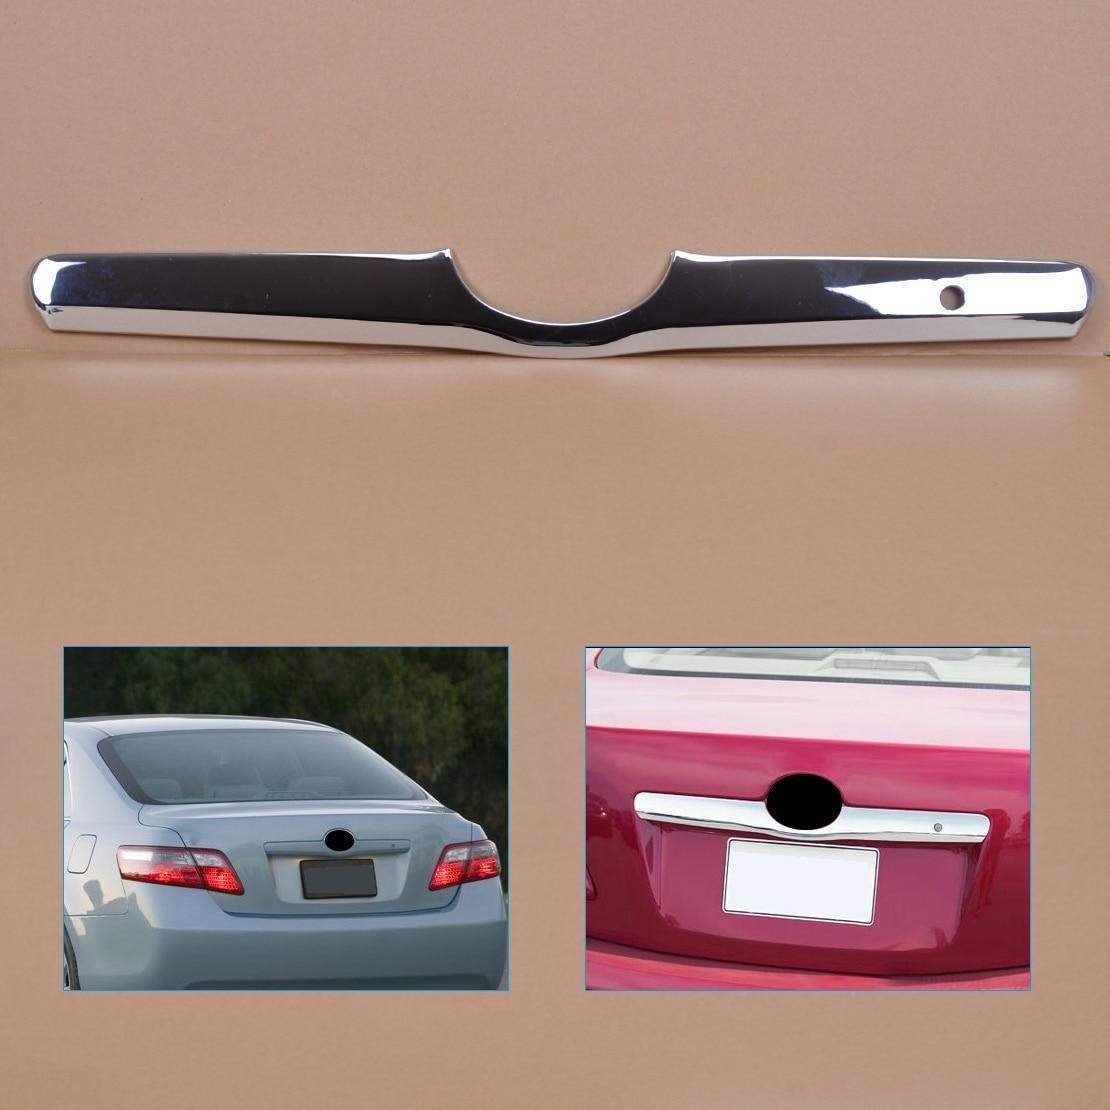 Beler автомобиль ABS хром задняя дверь багажника Люк отделка рамка крышка украшения, пригодный для Toyota Camry 2006 2007 2008 2009 2010 2011